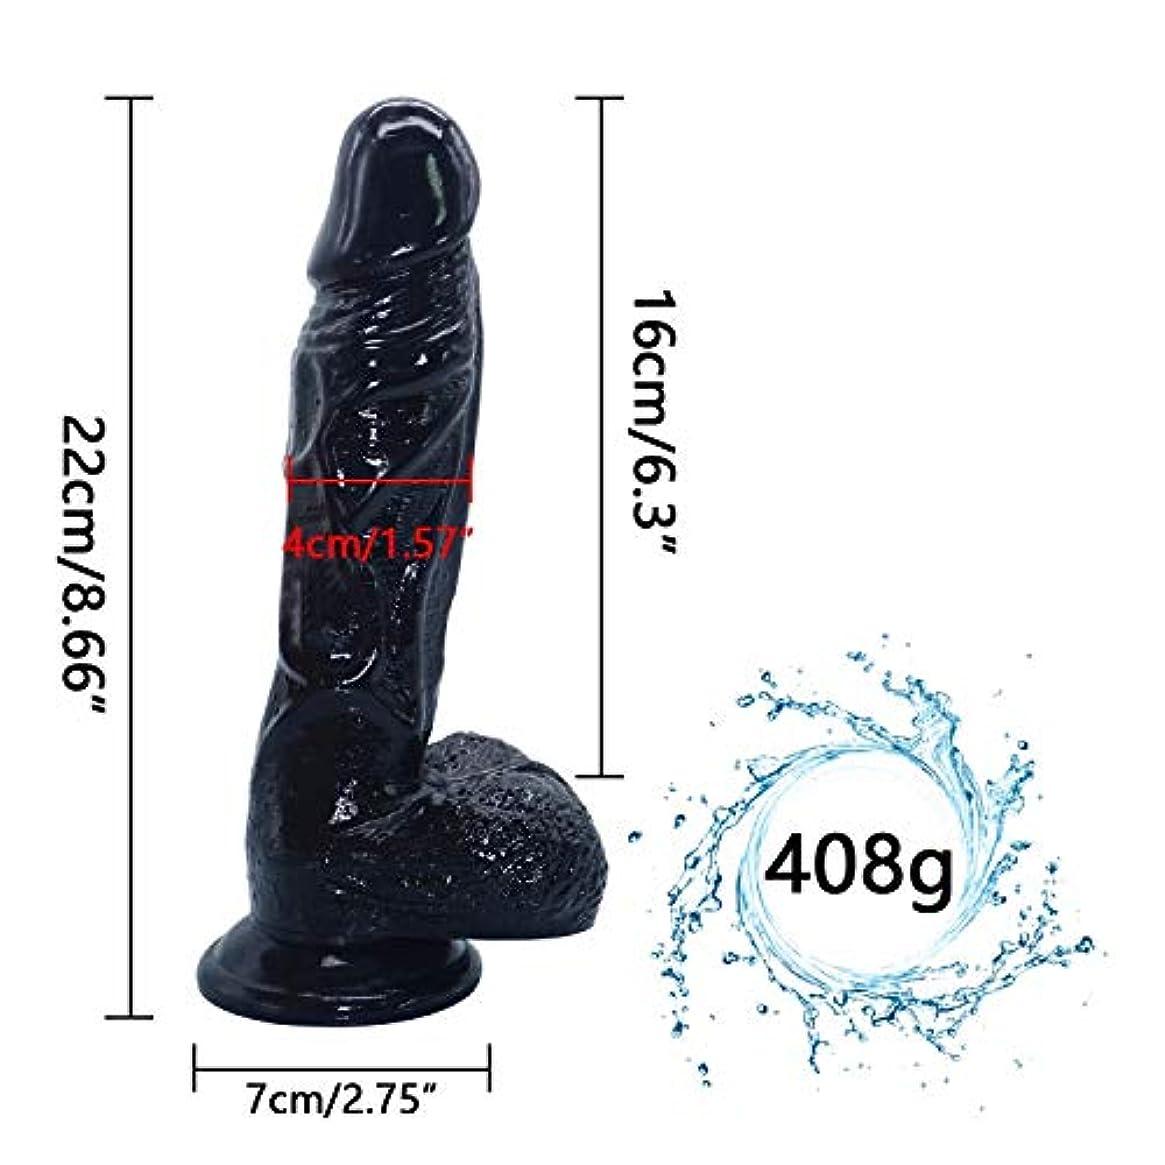 規範シフトリーダーシップChenXiDian 8.86インチの巨大な親密な初心者現実的な防水黒肉滑らかなテクスチャシャフト????????????ラバーソロプレイBackdoorMassager Veinedスティック柔軟な浸透-抗菌、より優れた...